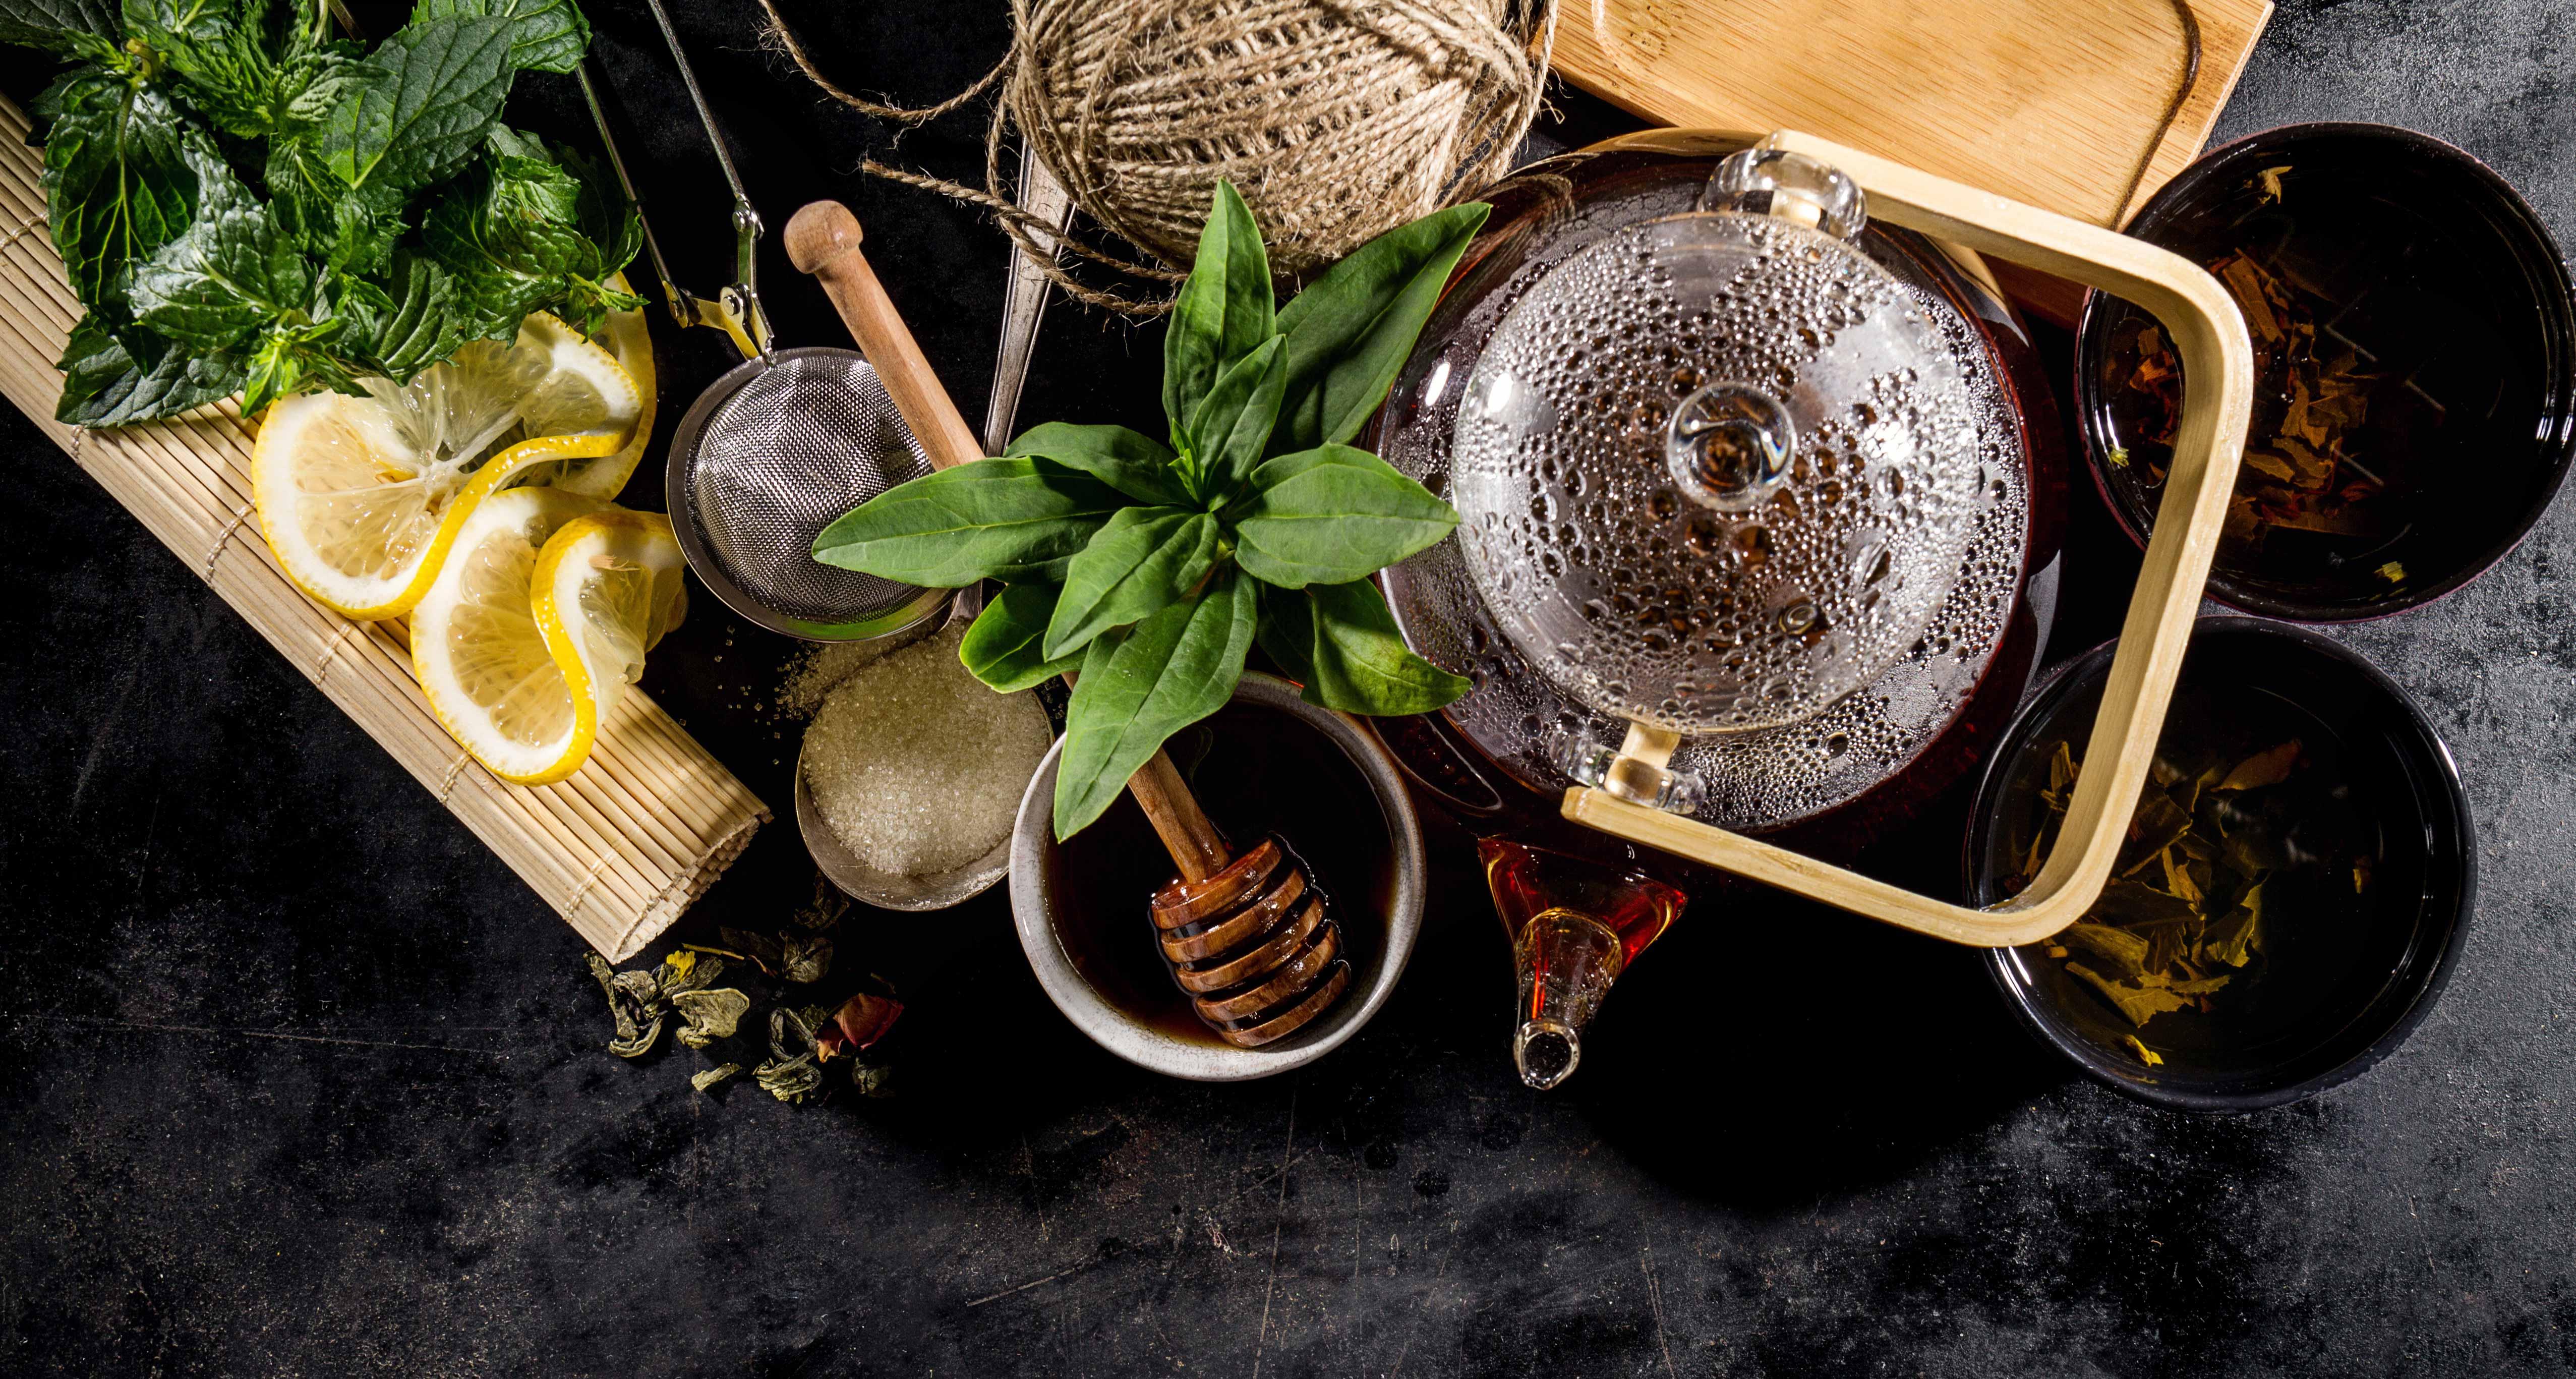 چای حرفهای دم کنید؛(گزارشی از مسابقات چای+نکات و رسپیها)